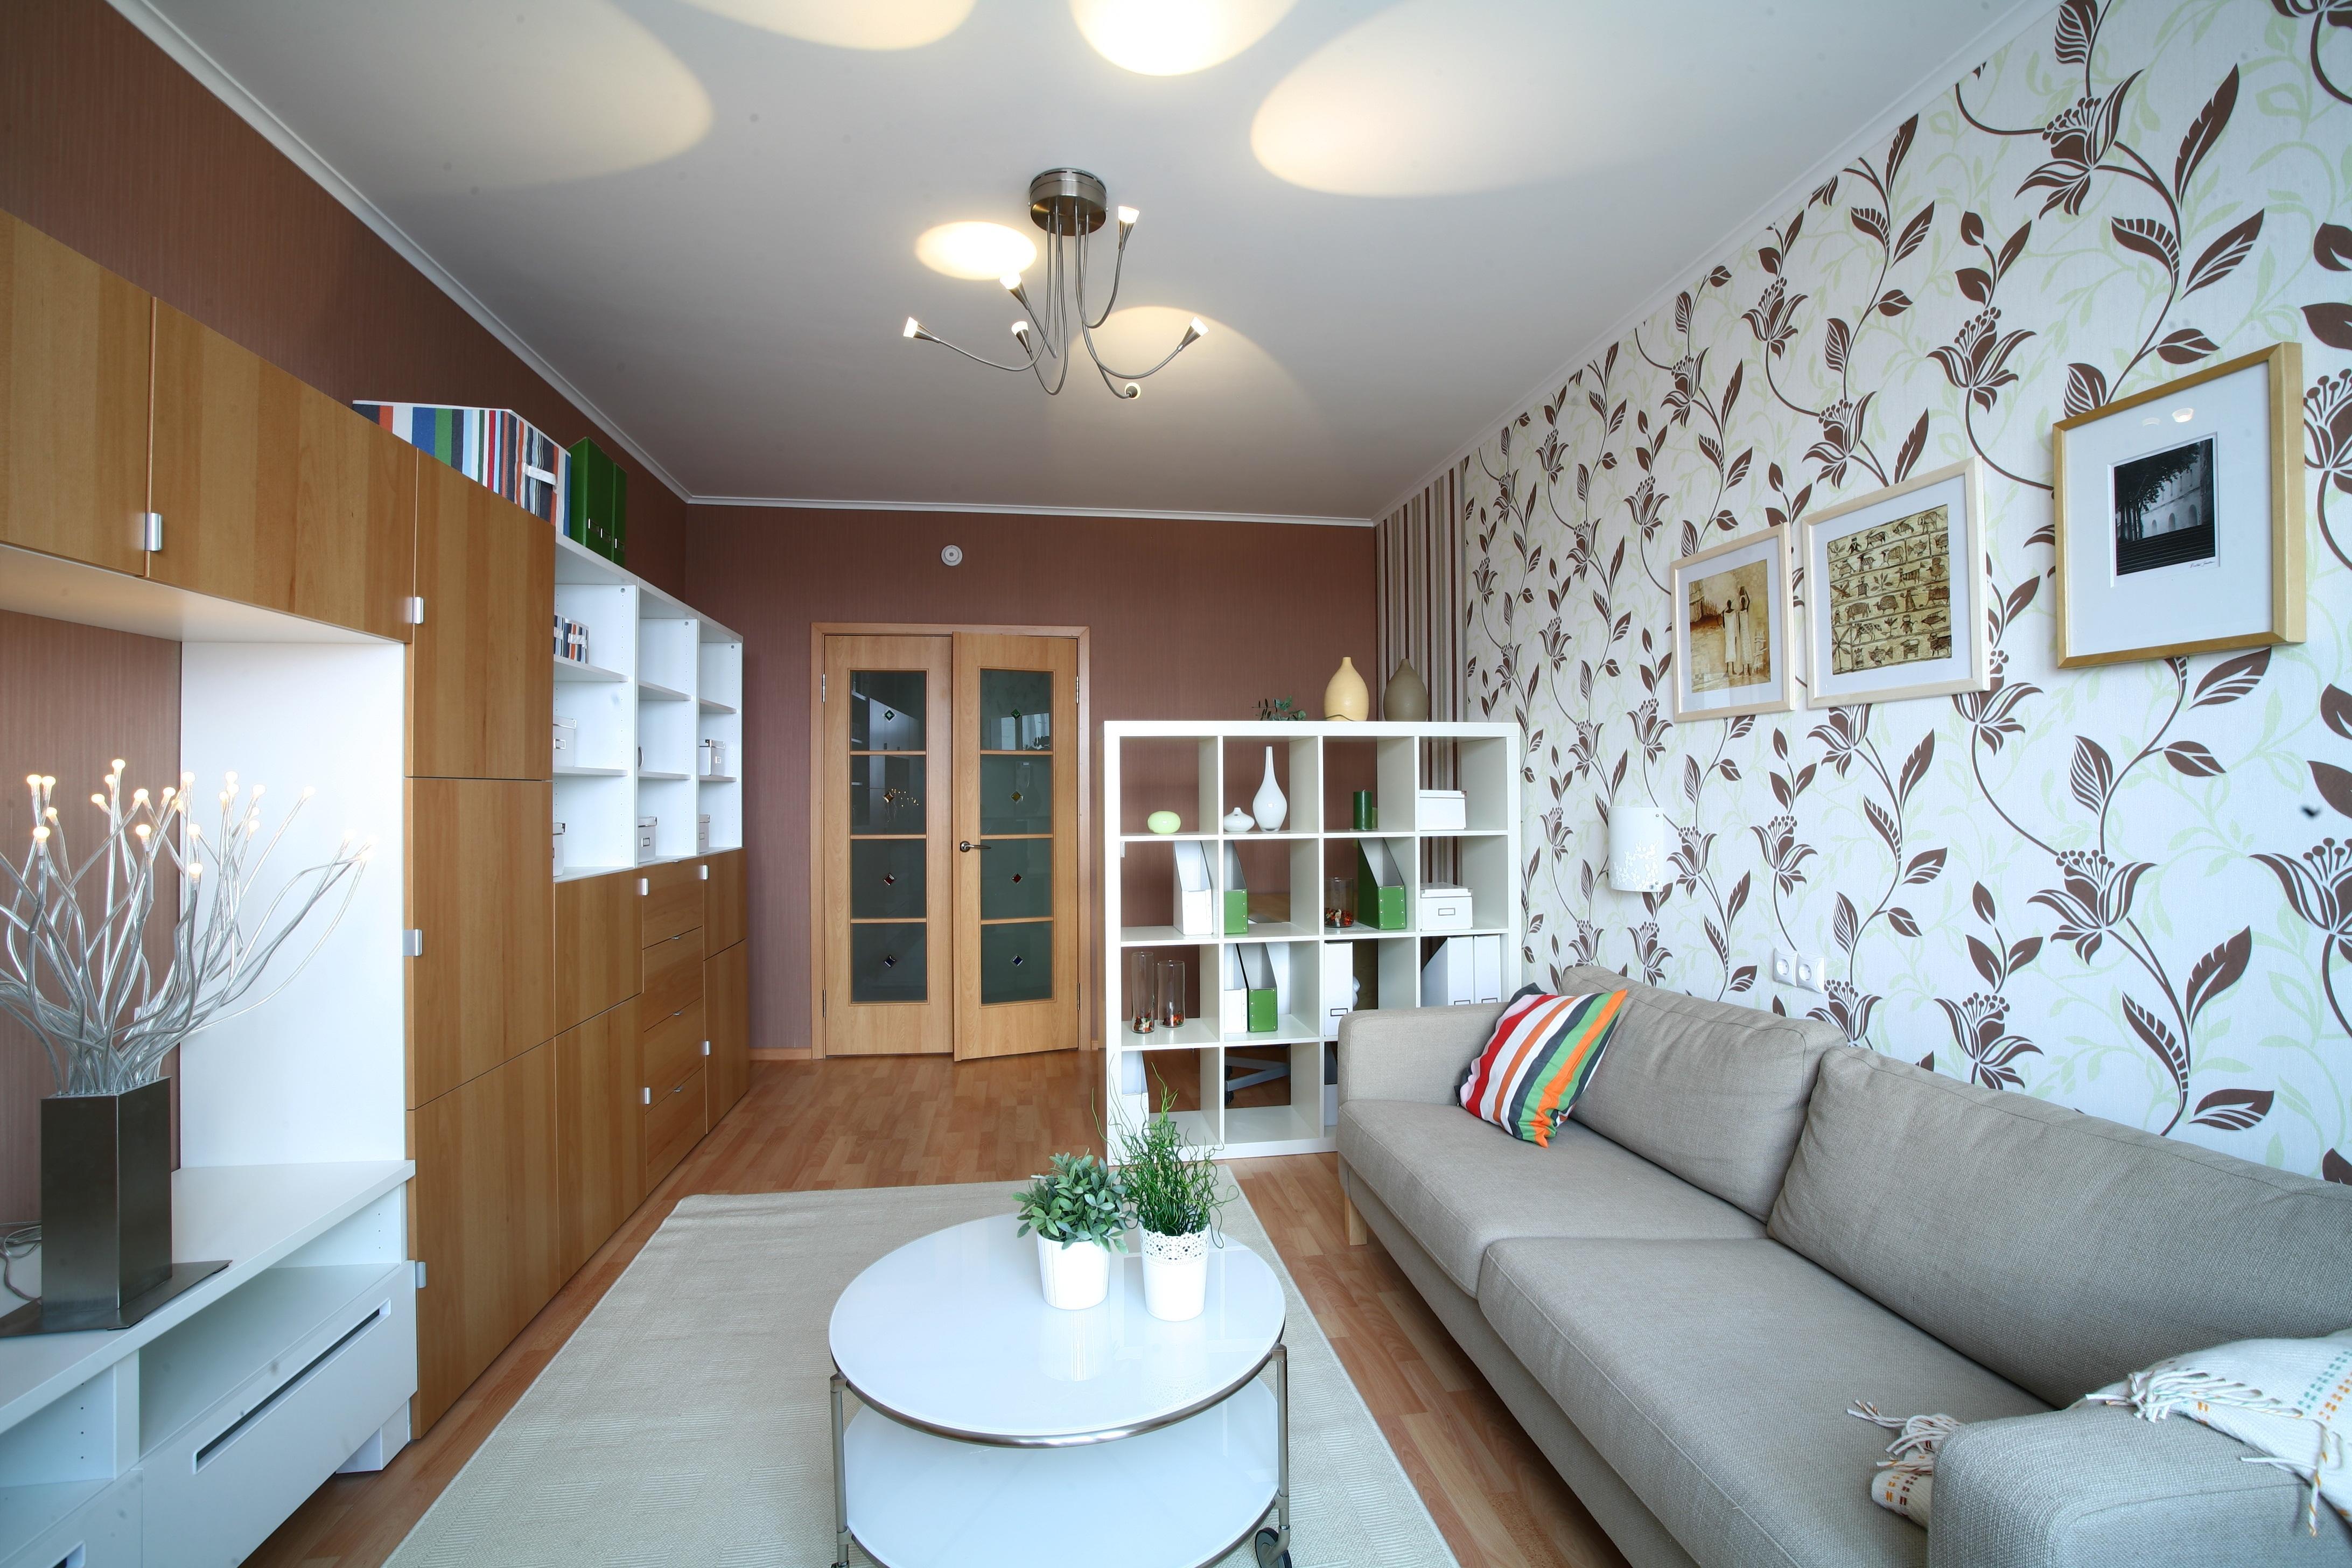 Цены на дизайн интерьера квартир за м2 в Москве